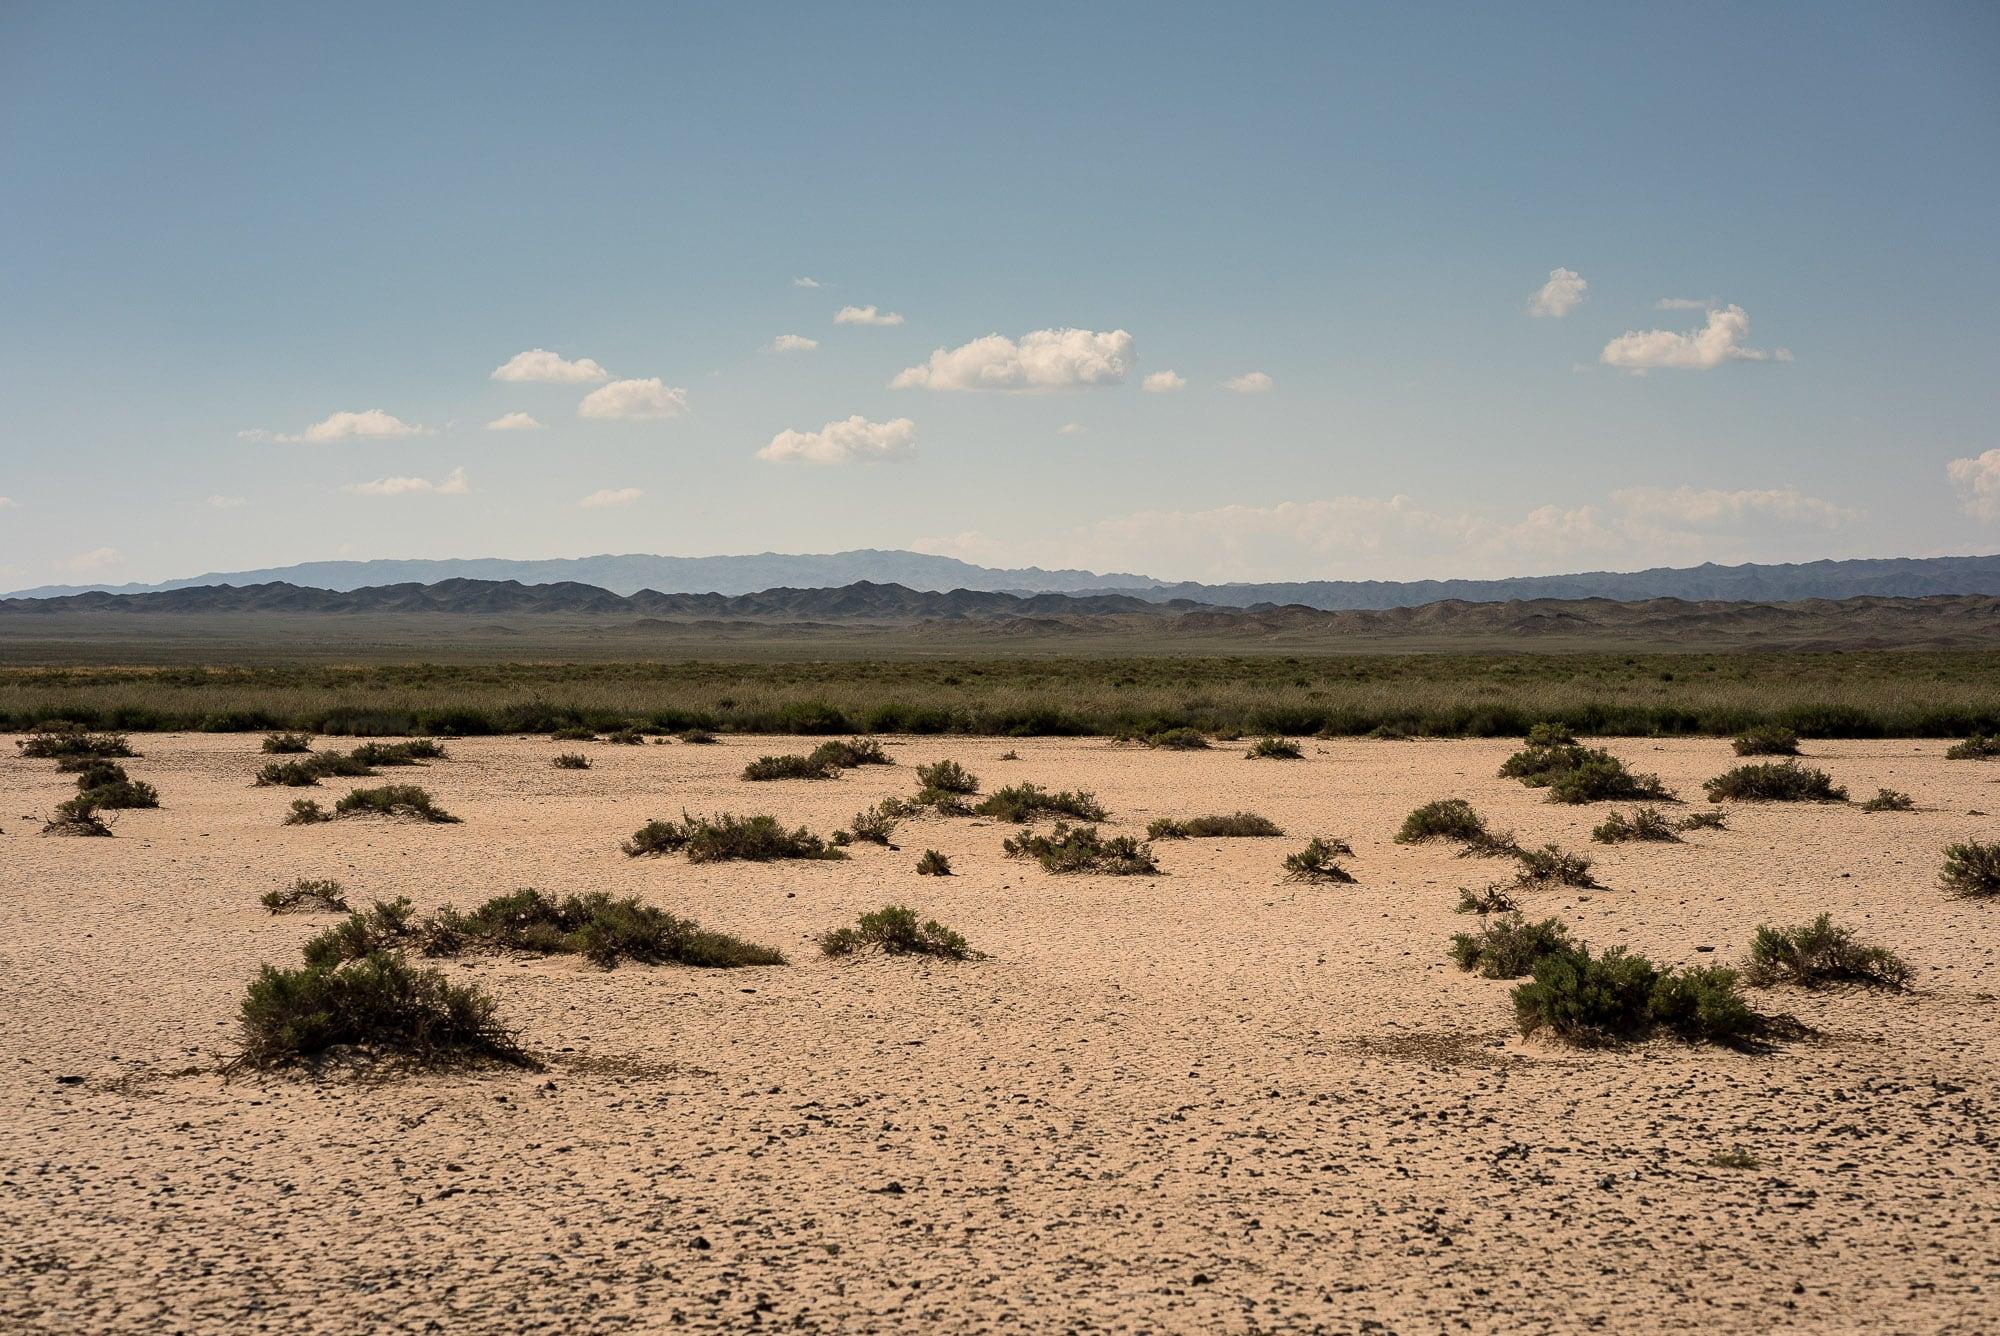 desert-like scenery